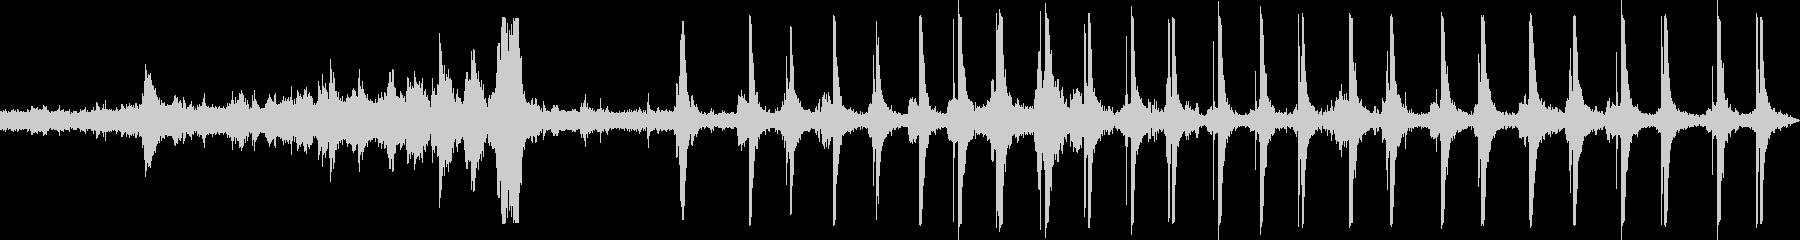 ジェットコースタートラックロックの未再生の波形